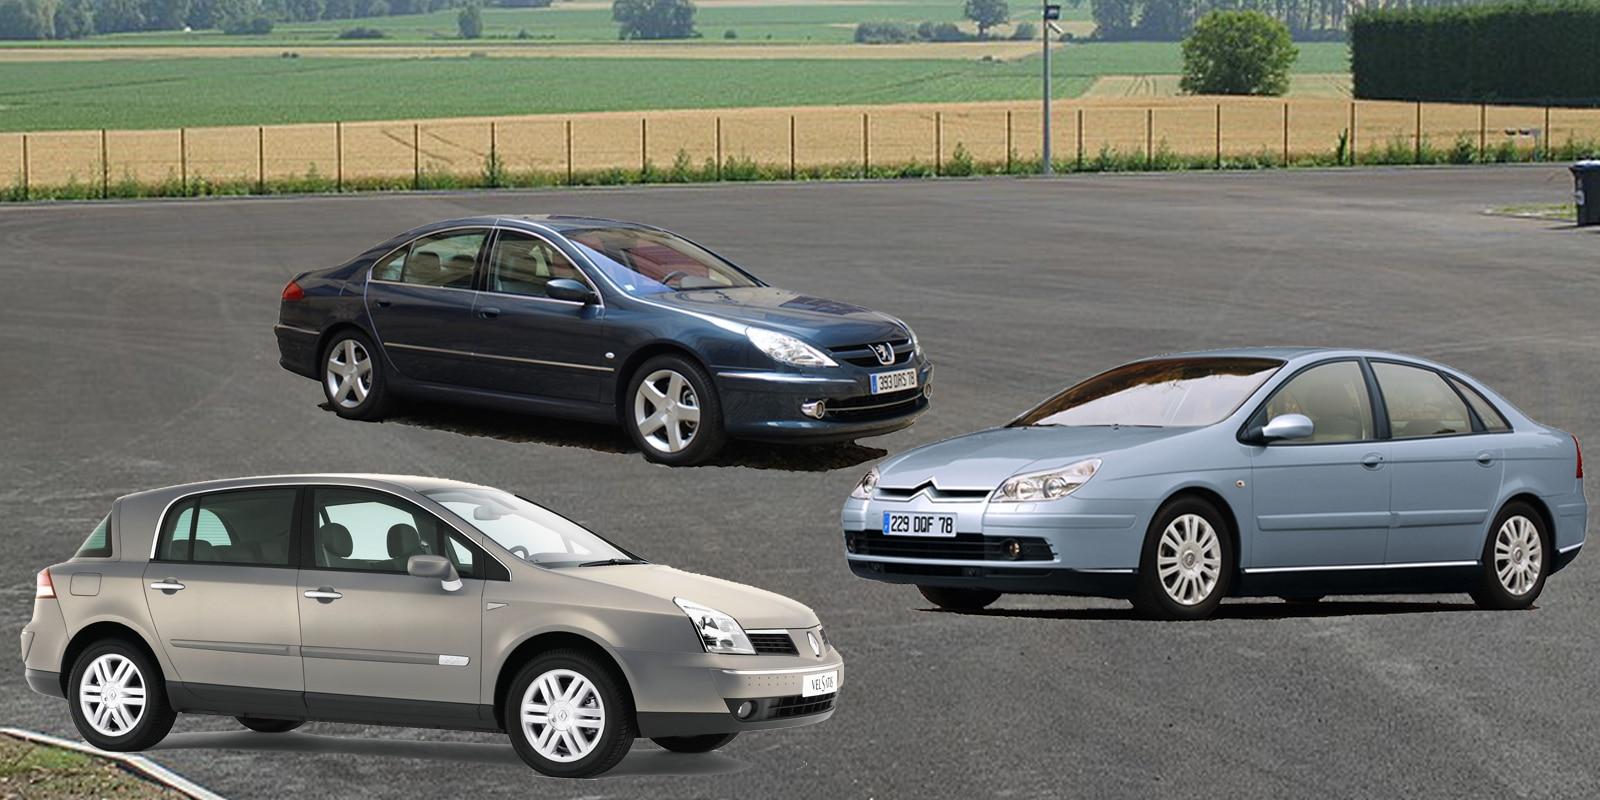 comparateur de voiture neuve comparateur voiture neuve moins chere voiture neuve moins chere. Black Bedroom Furniture Sets. Home Design Ideas